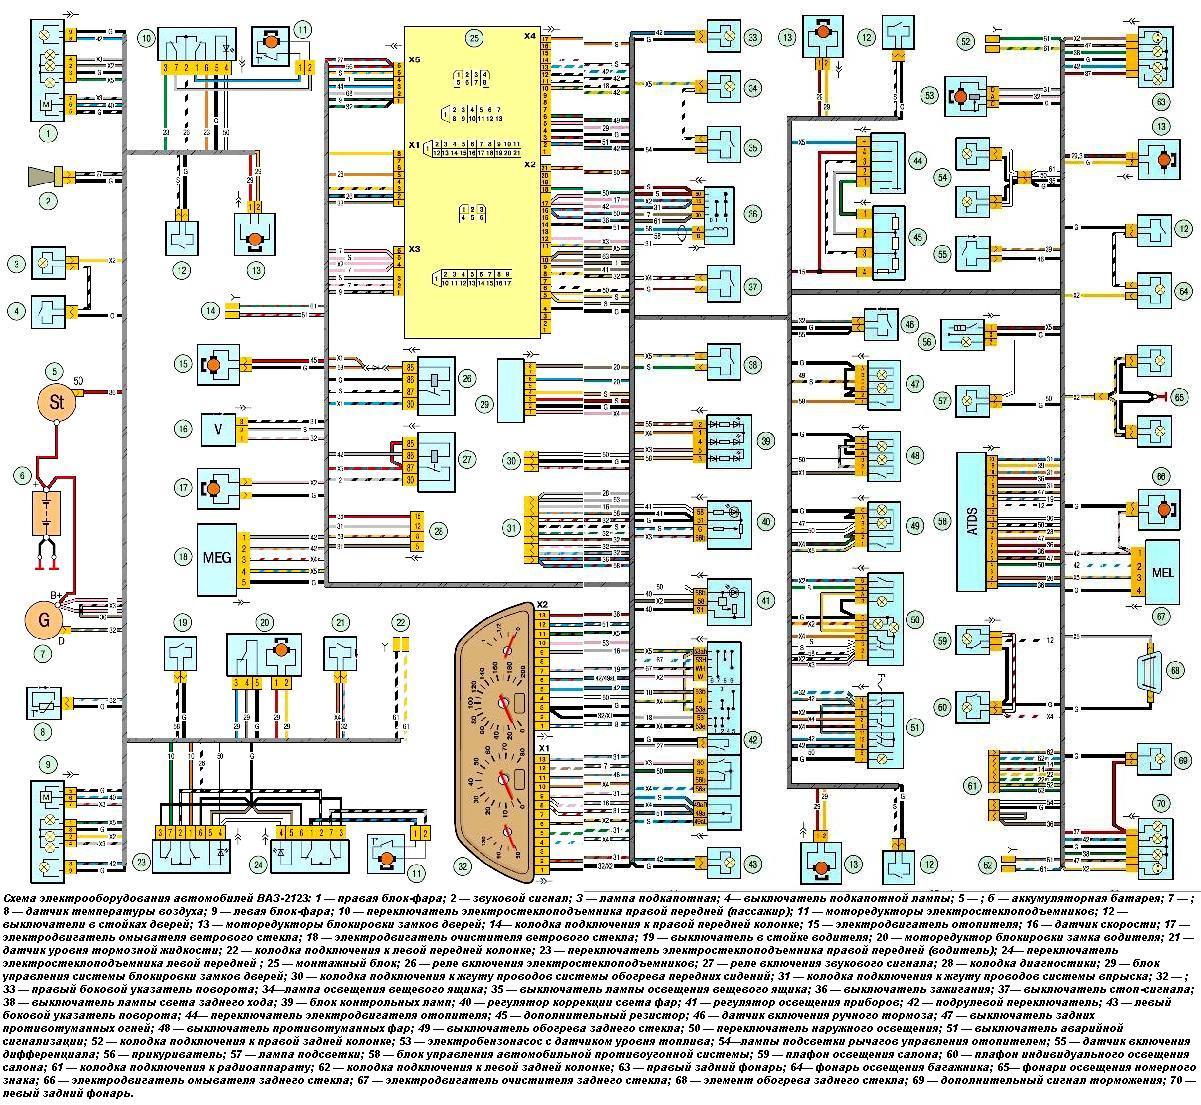 Электросхема нива шевроле 2123 фото 783